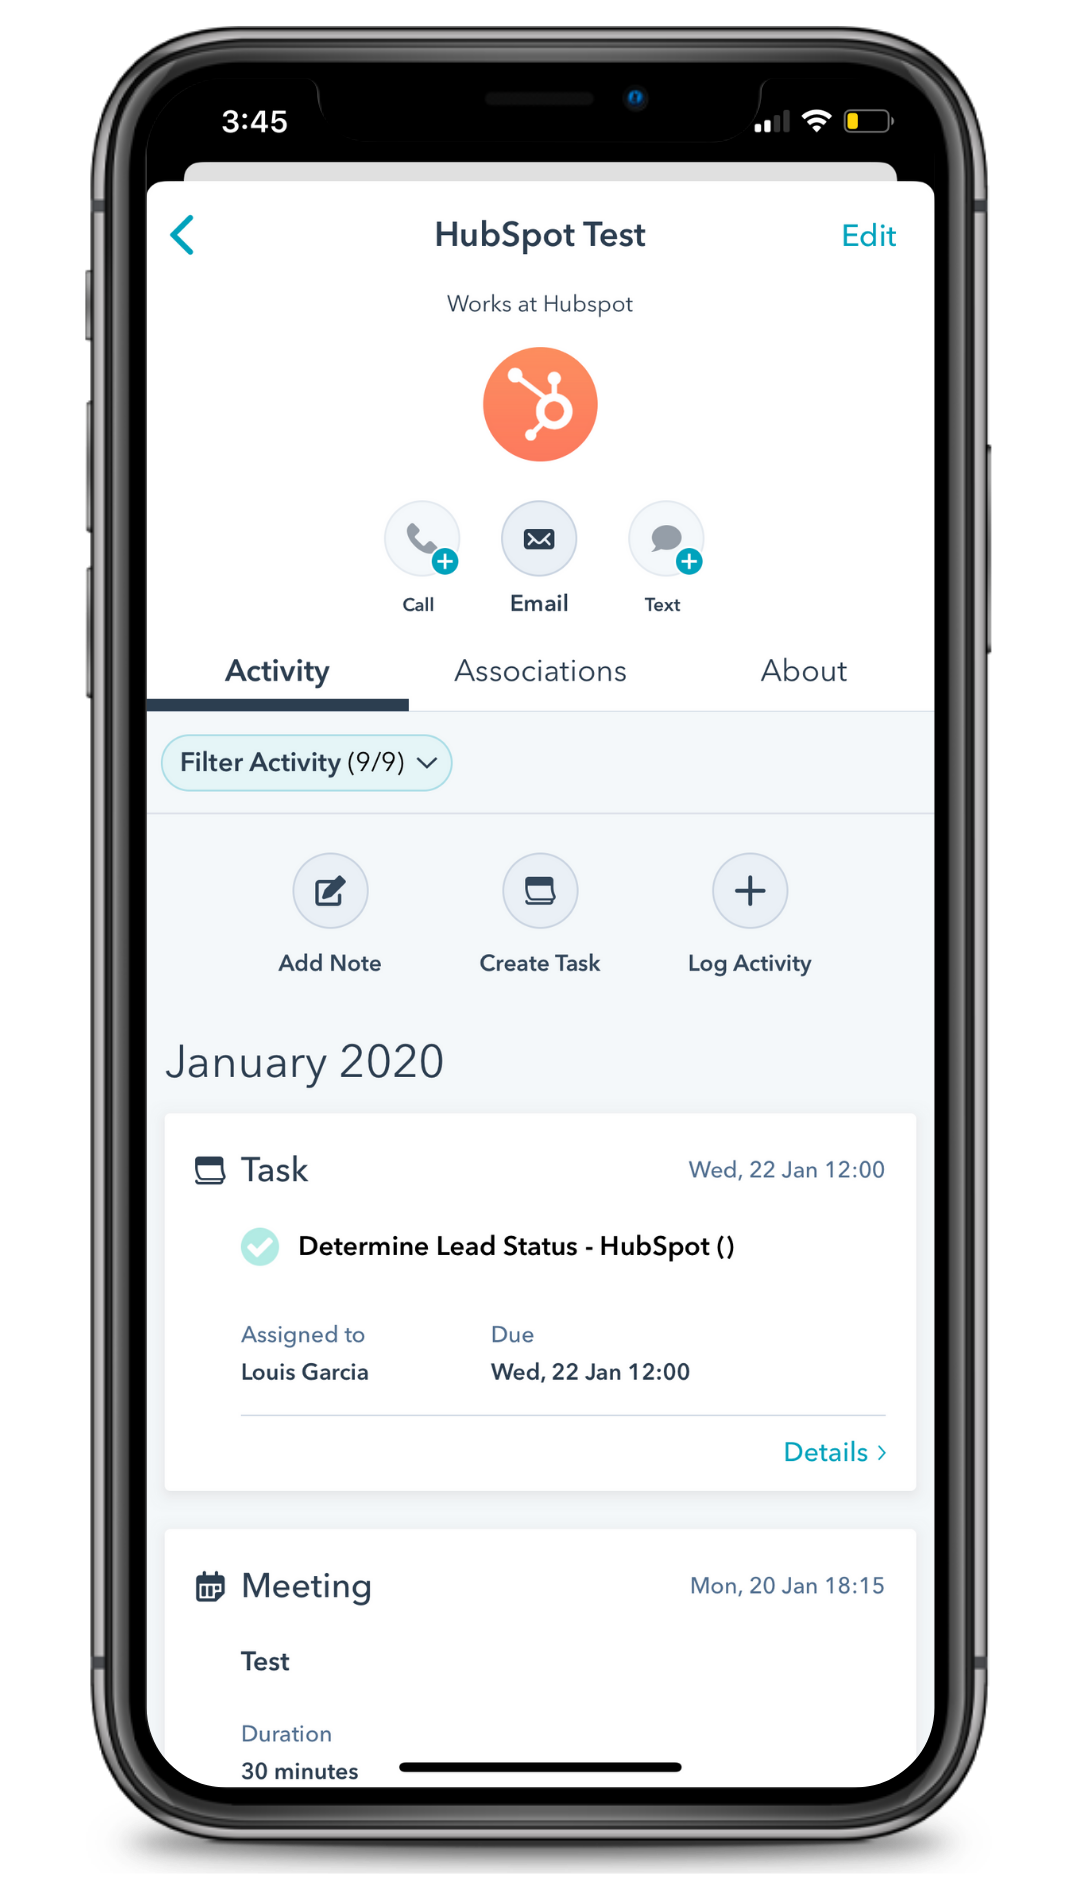 HubSpot CRM Mobile App Image